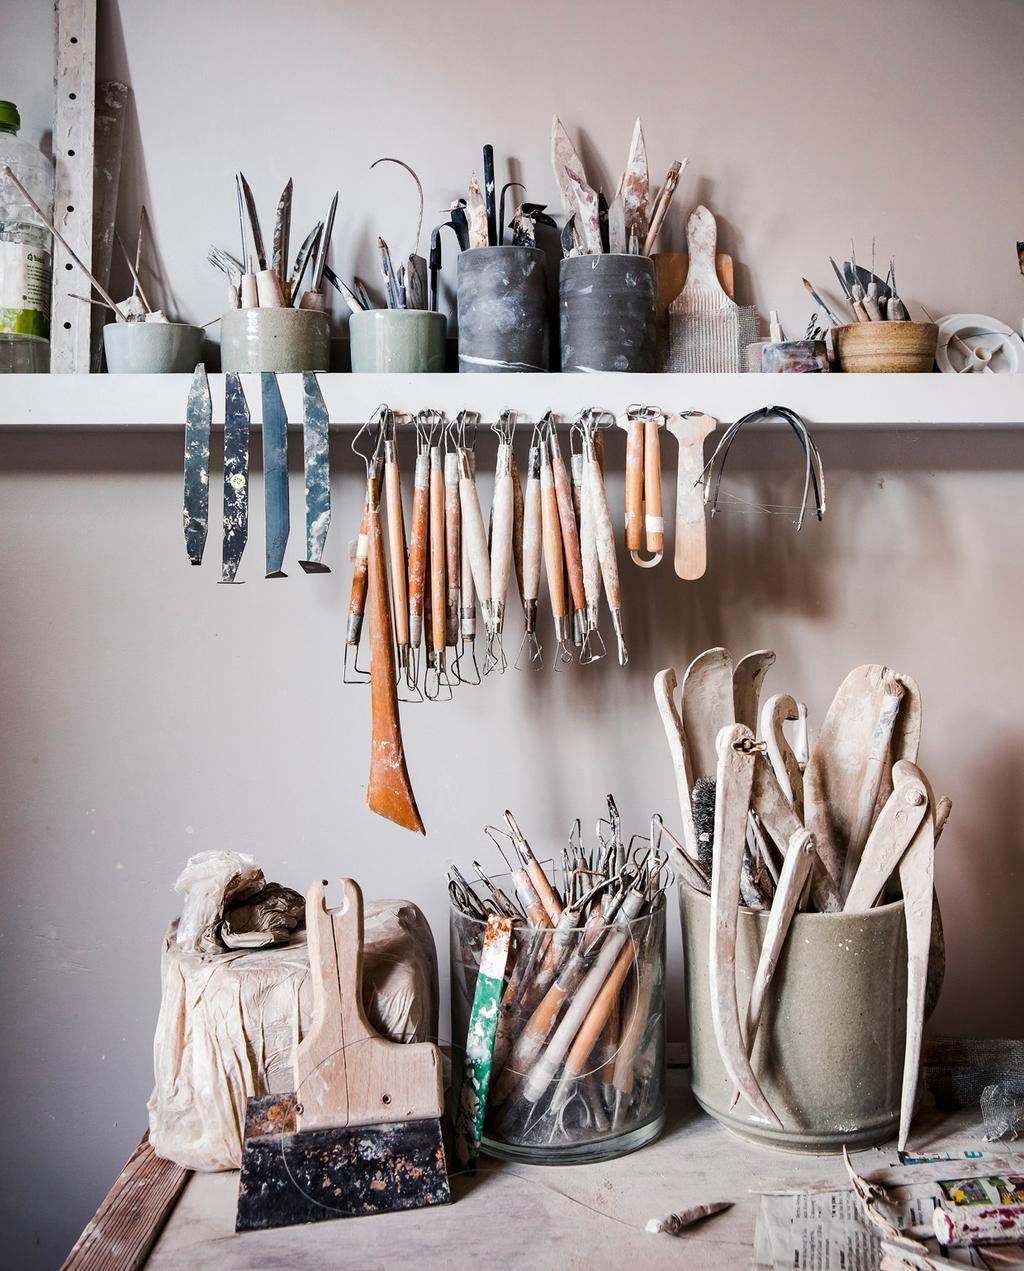 gereedschappen keramiek